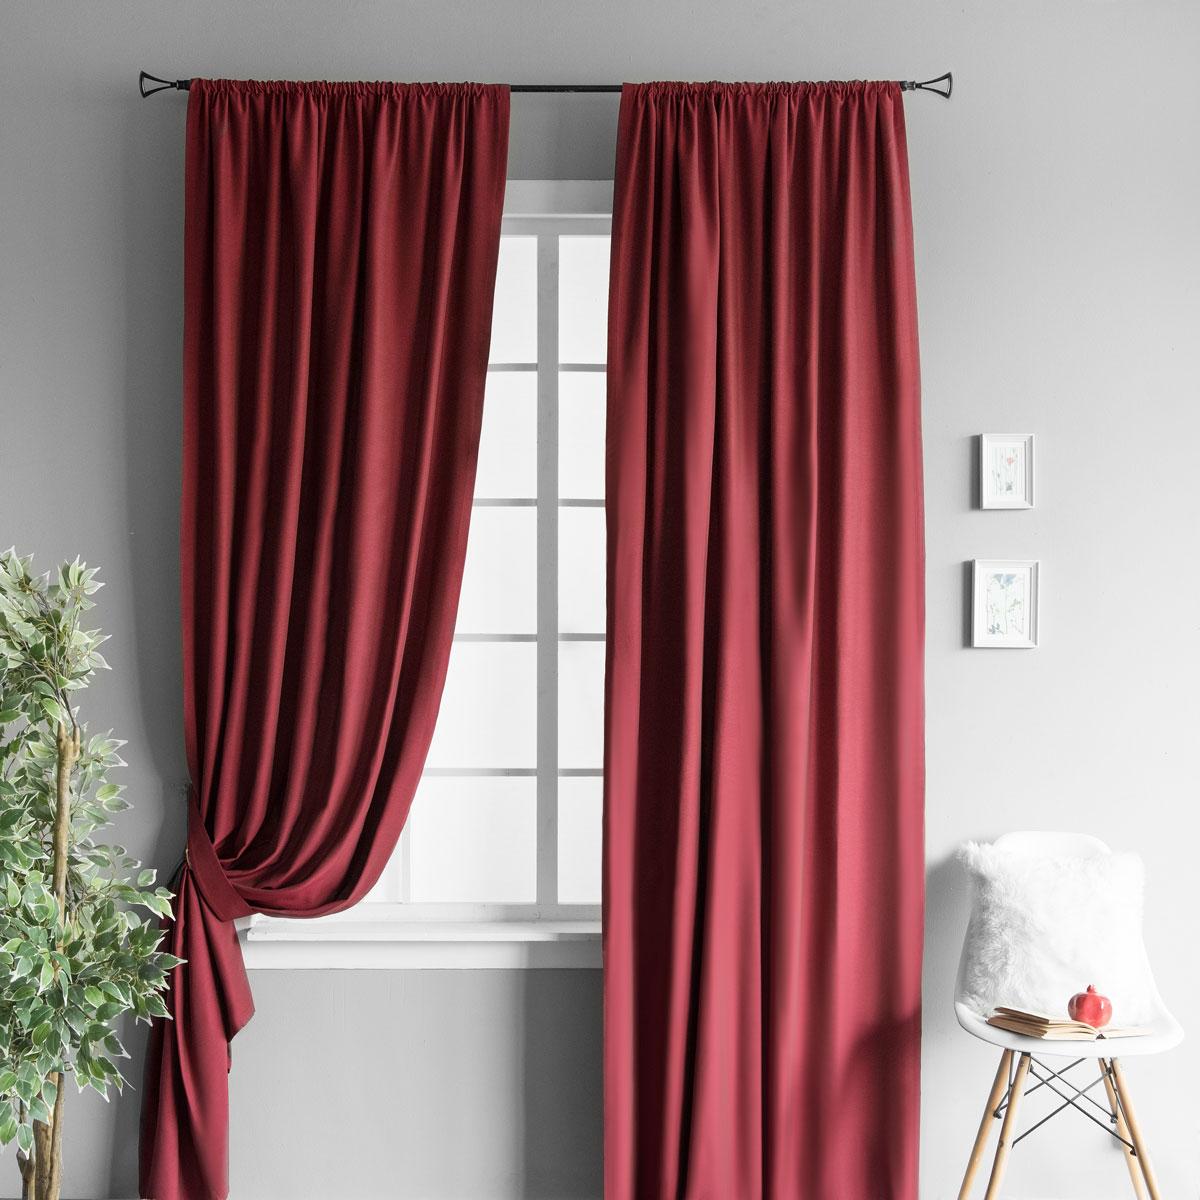 цветные шторы в спальню фото что верёвках нельзя